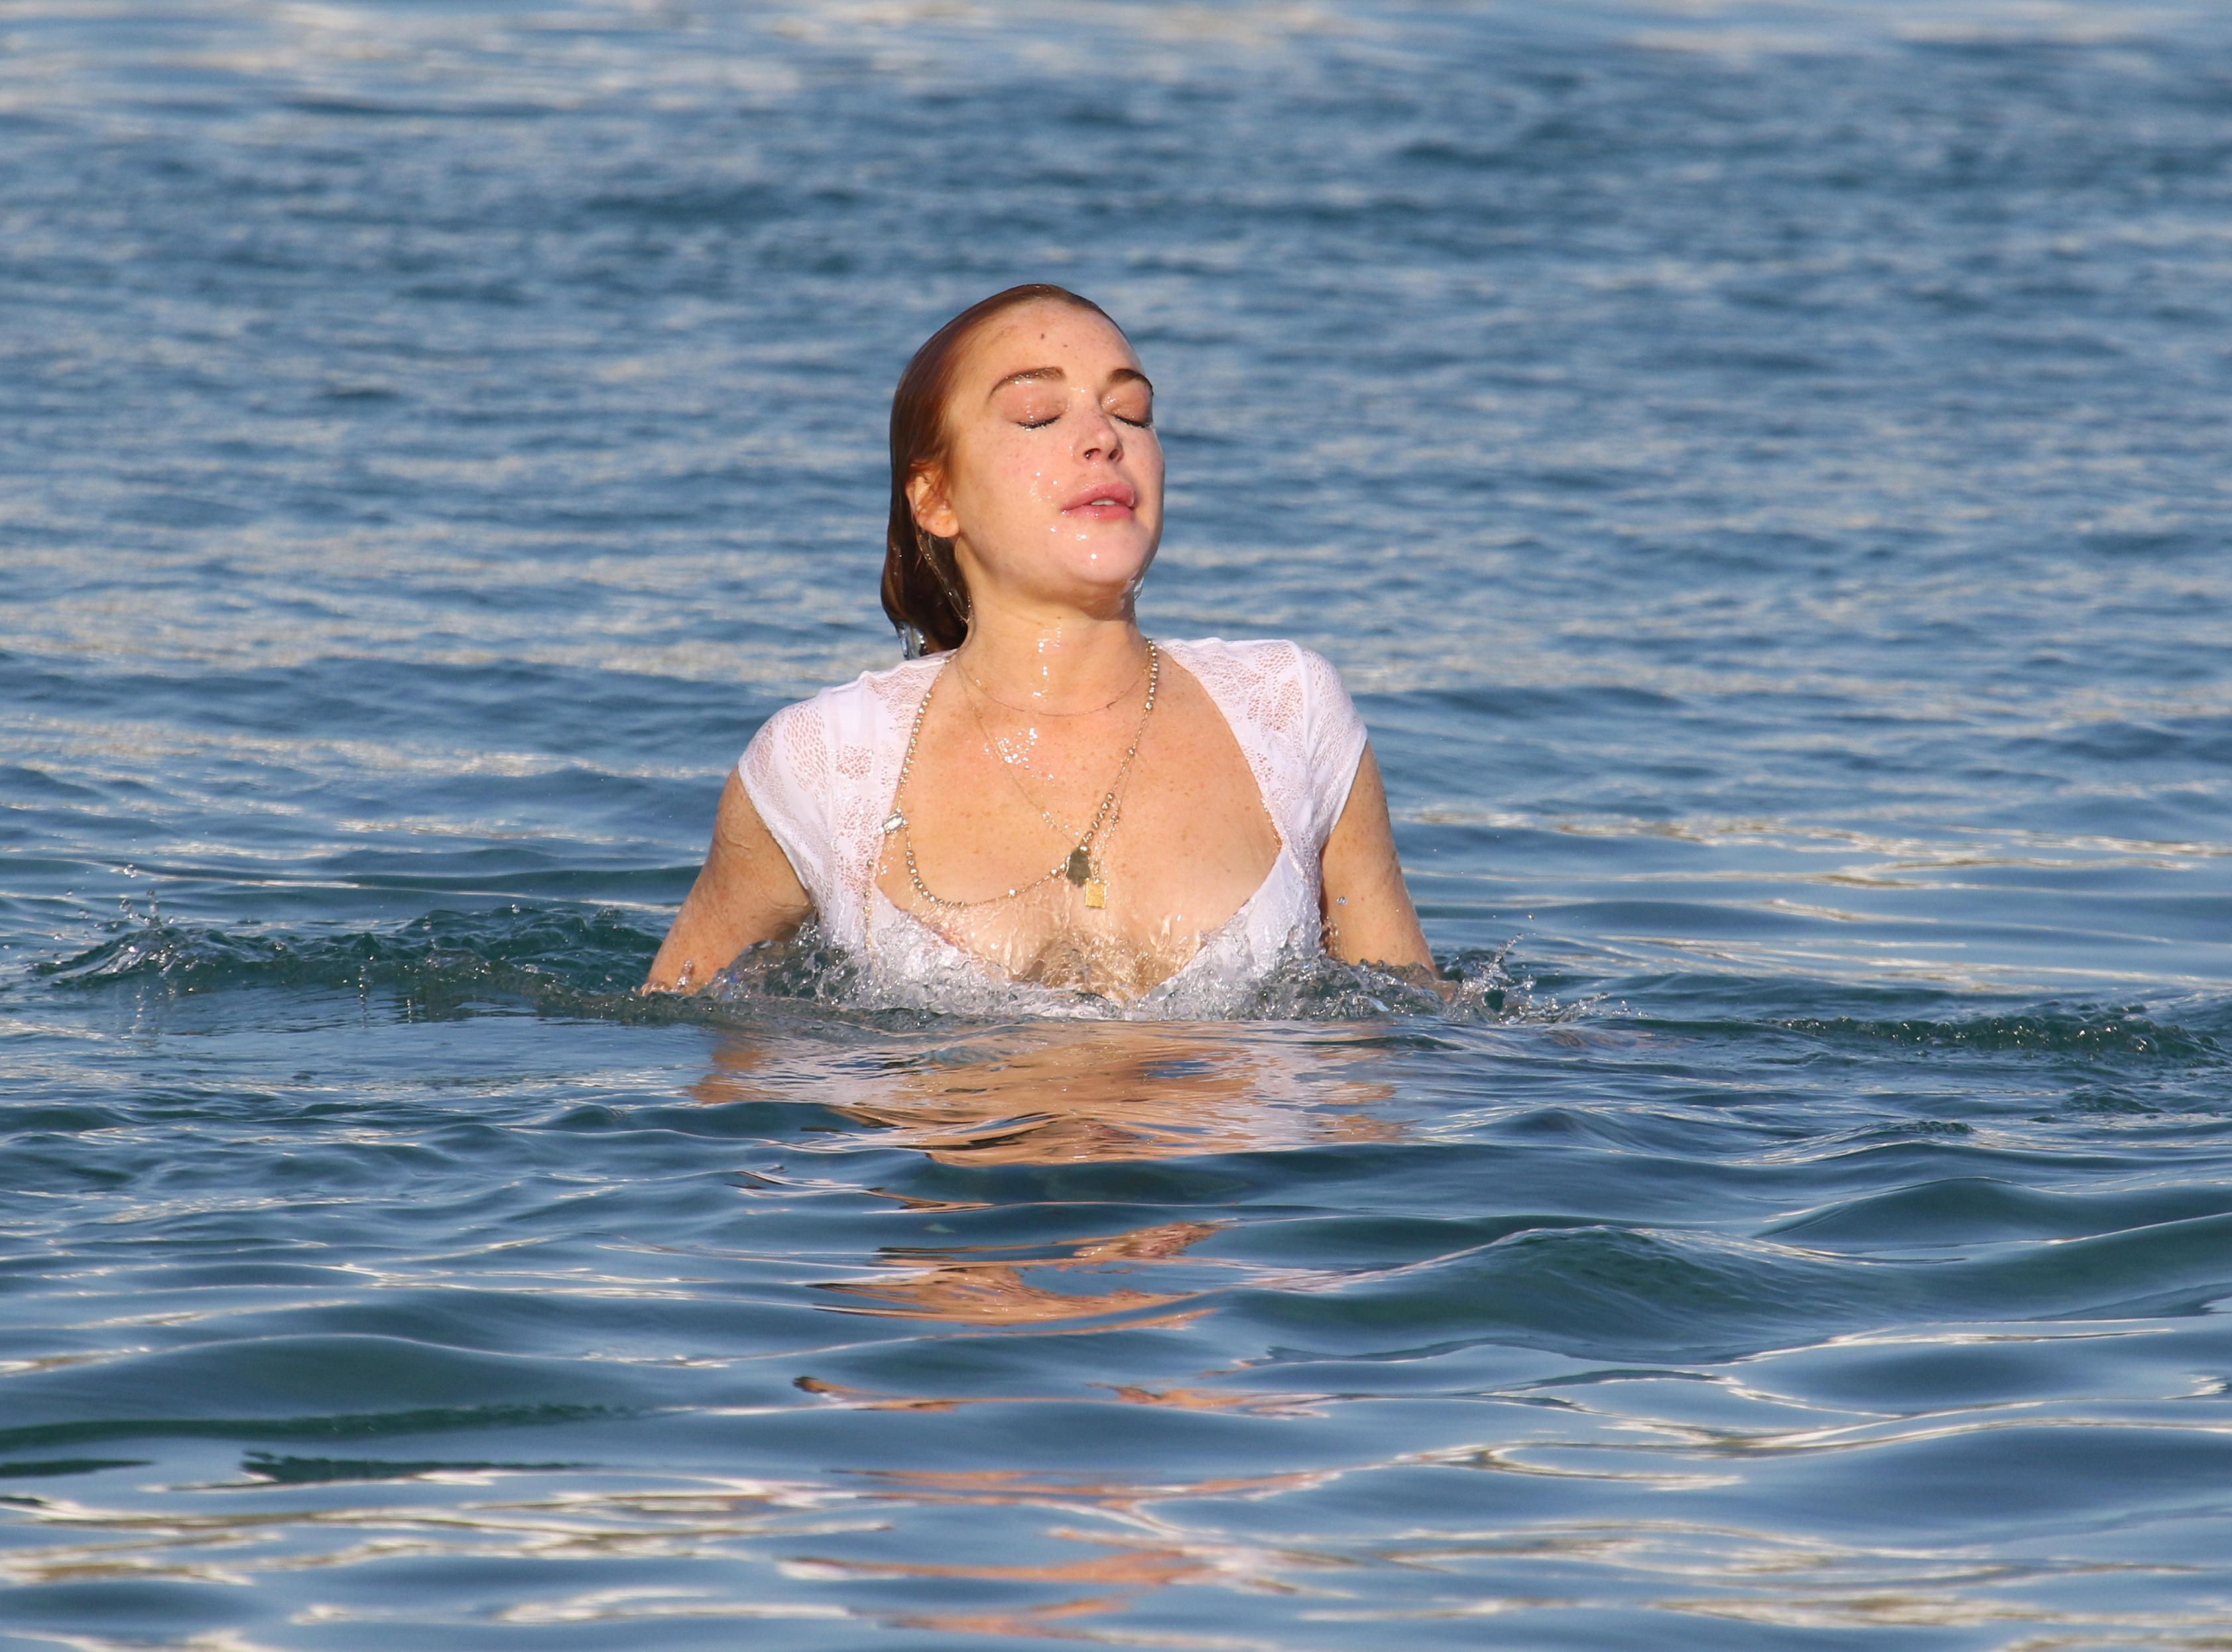 Lindsay Lohan Bikini Pics